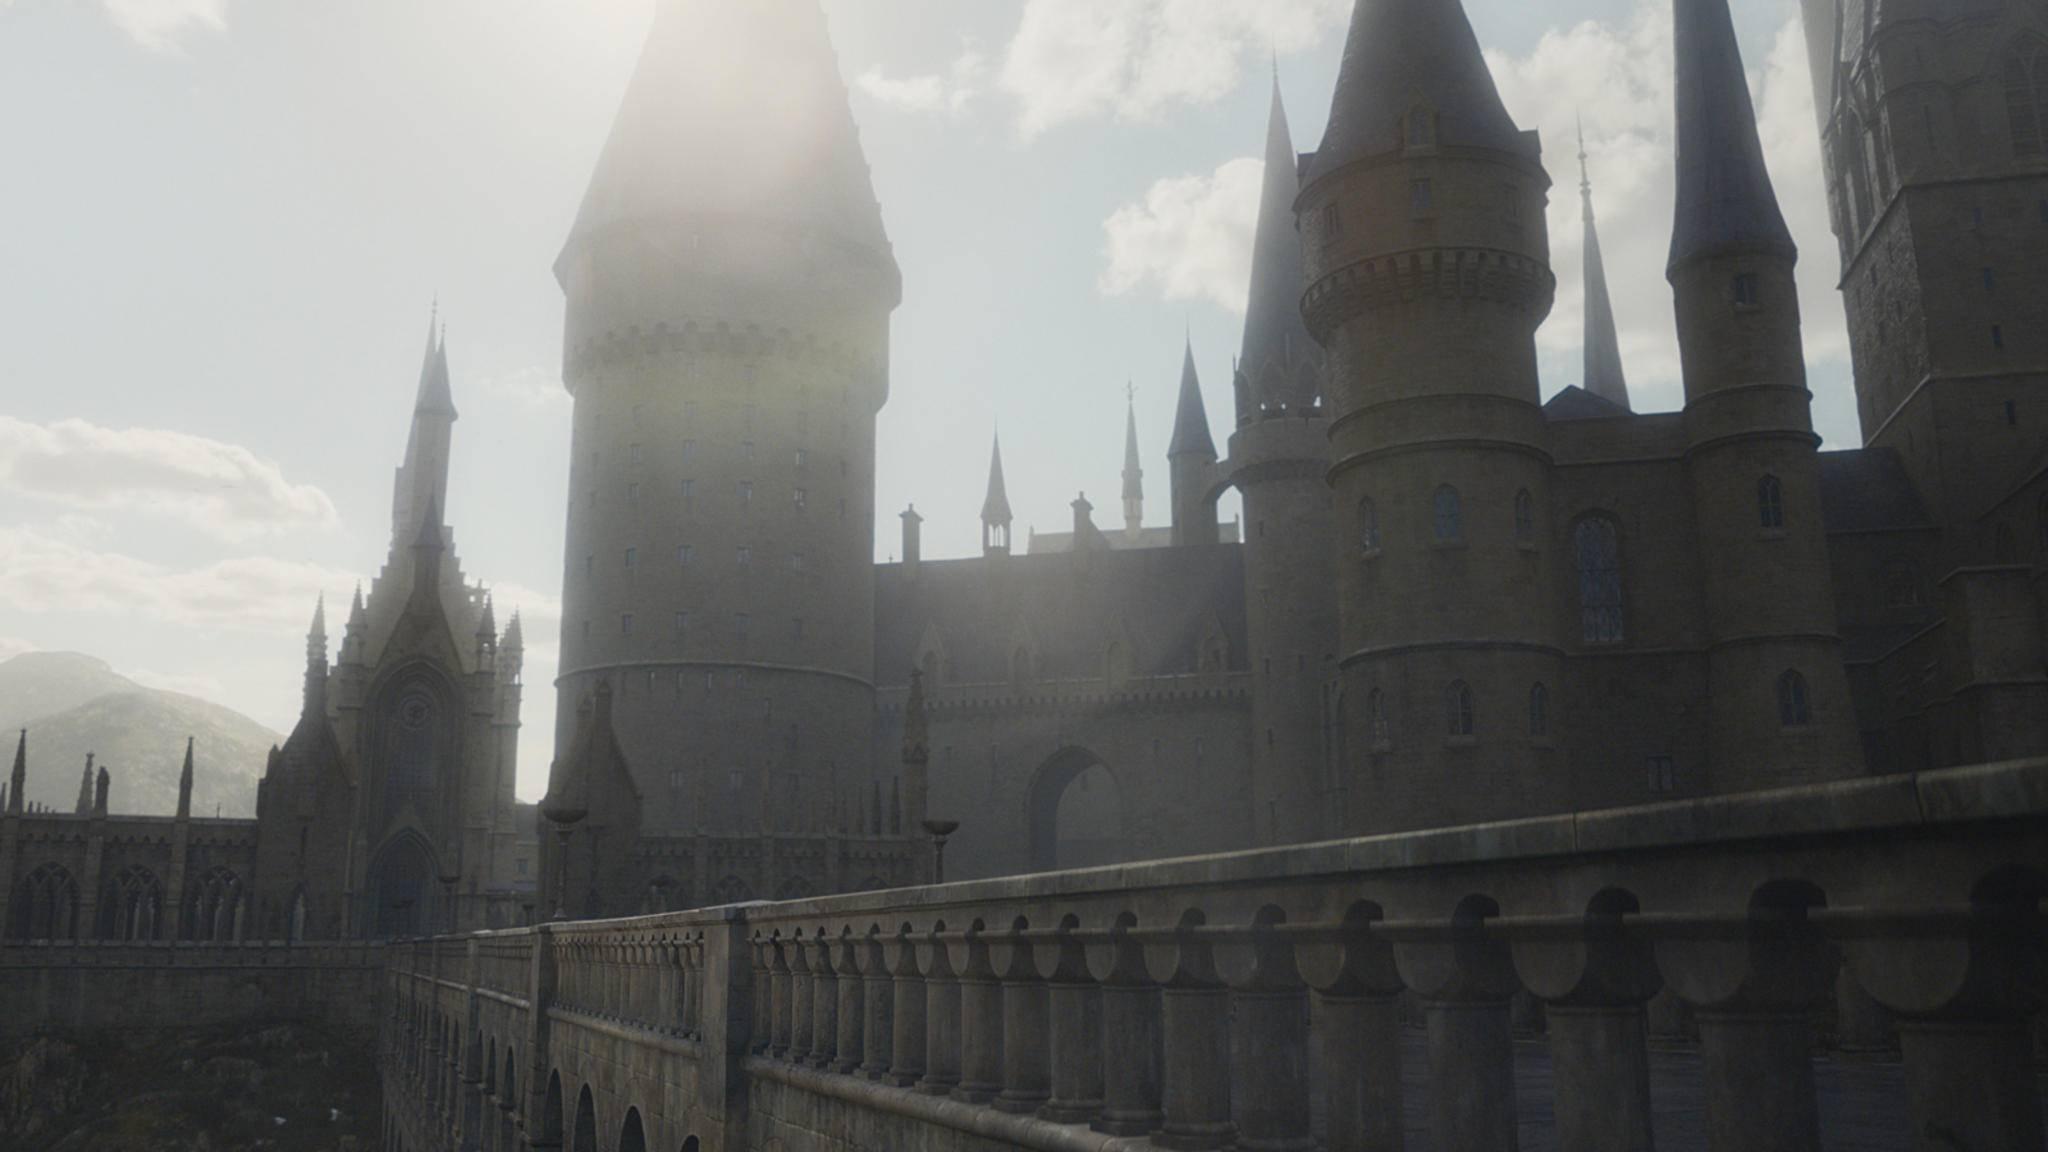 Immer noch keinen Brief von der Schule der Hexerei und Zauberei bekommen? Dann plünder jetzt Dein Gringotts-Verlies und bau Dir Dein eigenes Hogwarts!